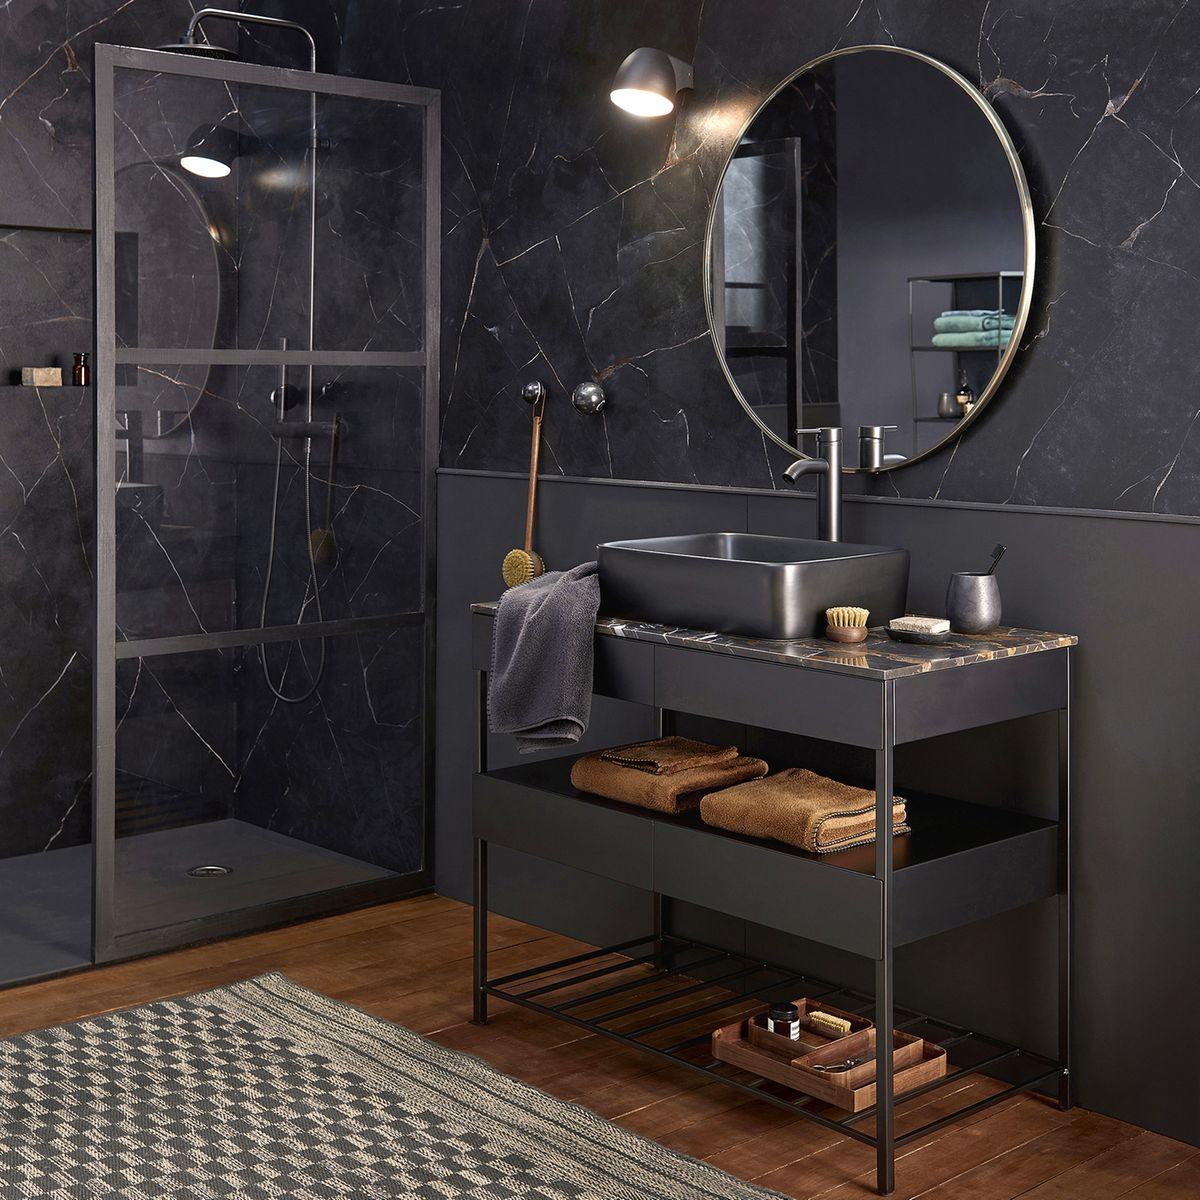 Meuble de salle de bain marbre Limpo Ambré - Salle de bain Am.Pm